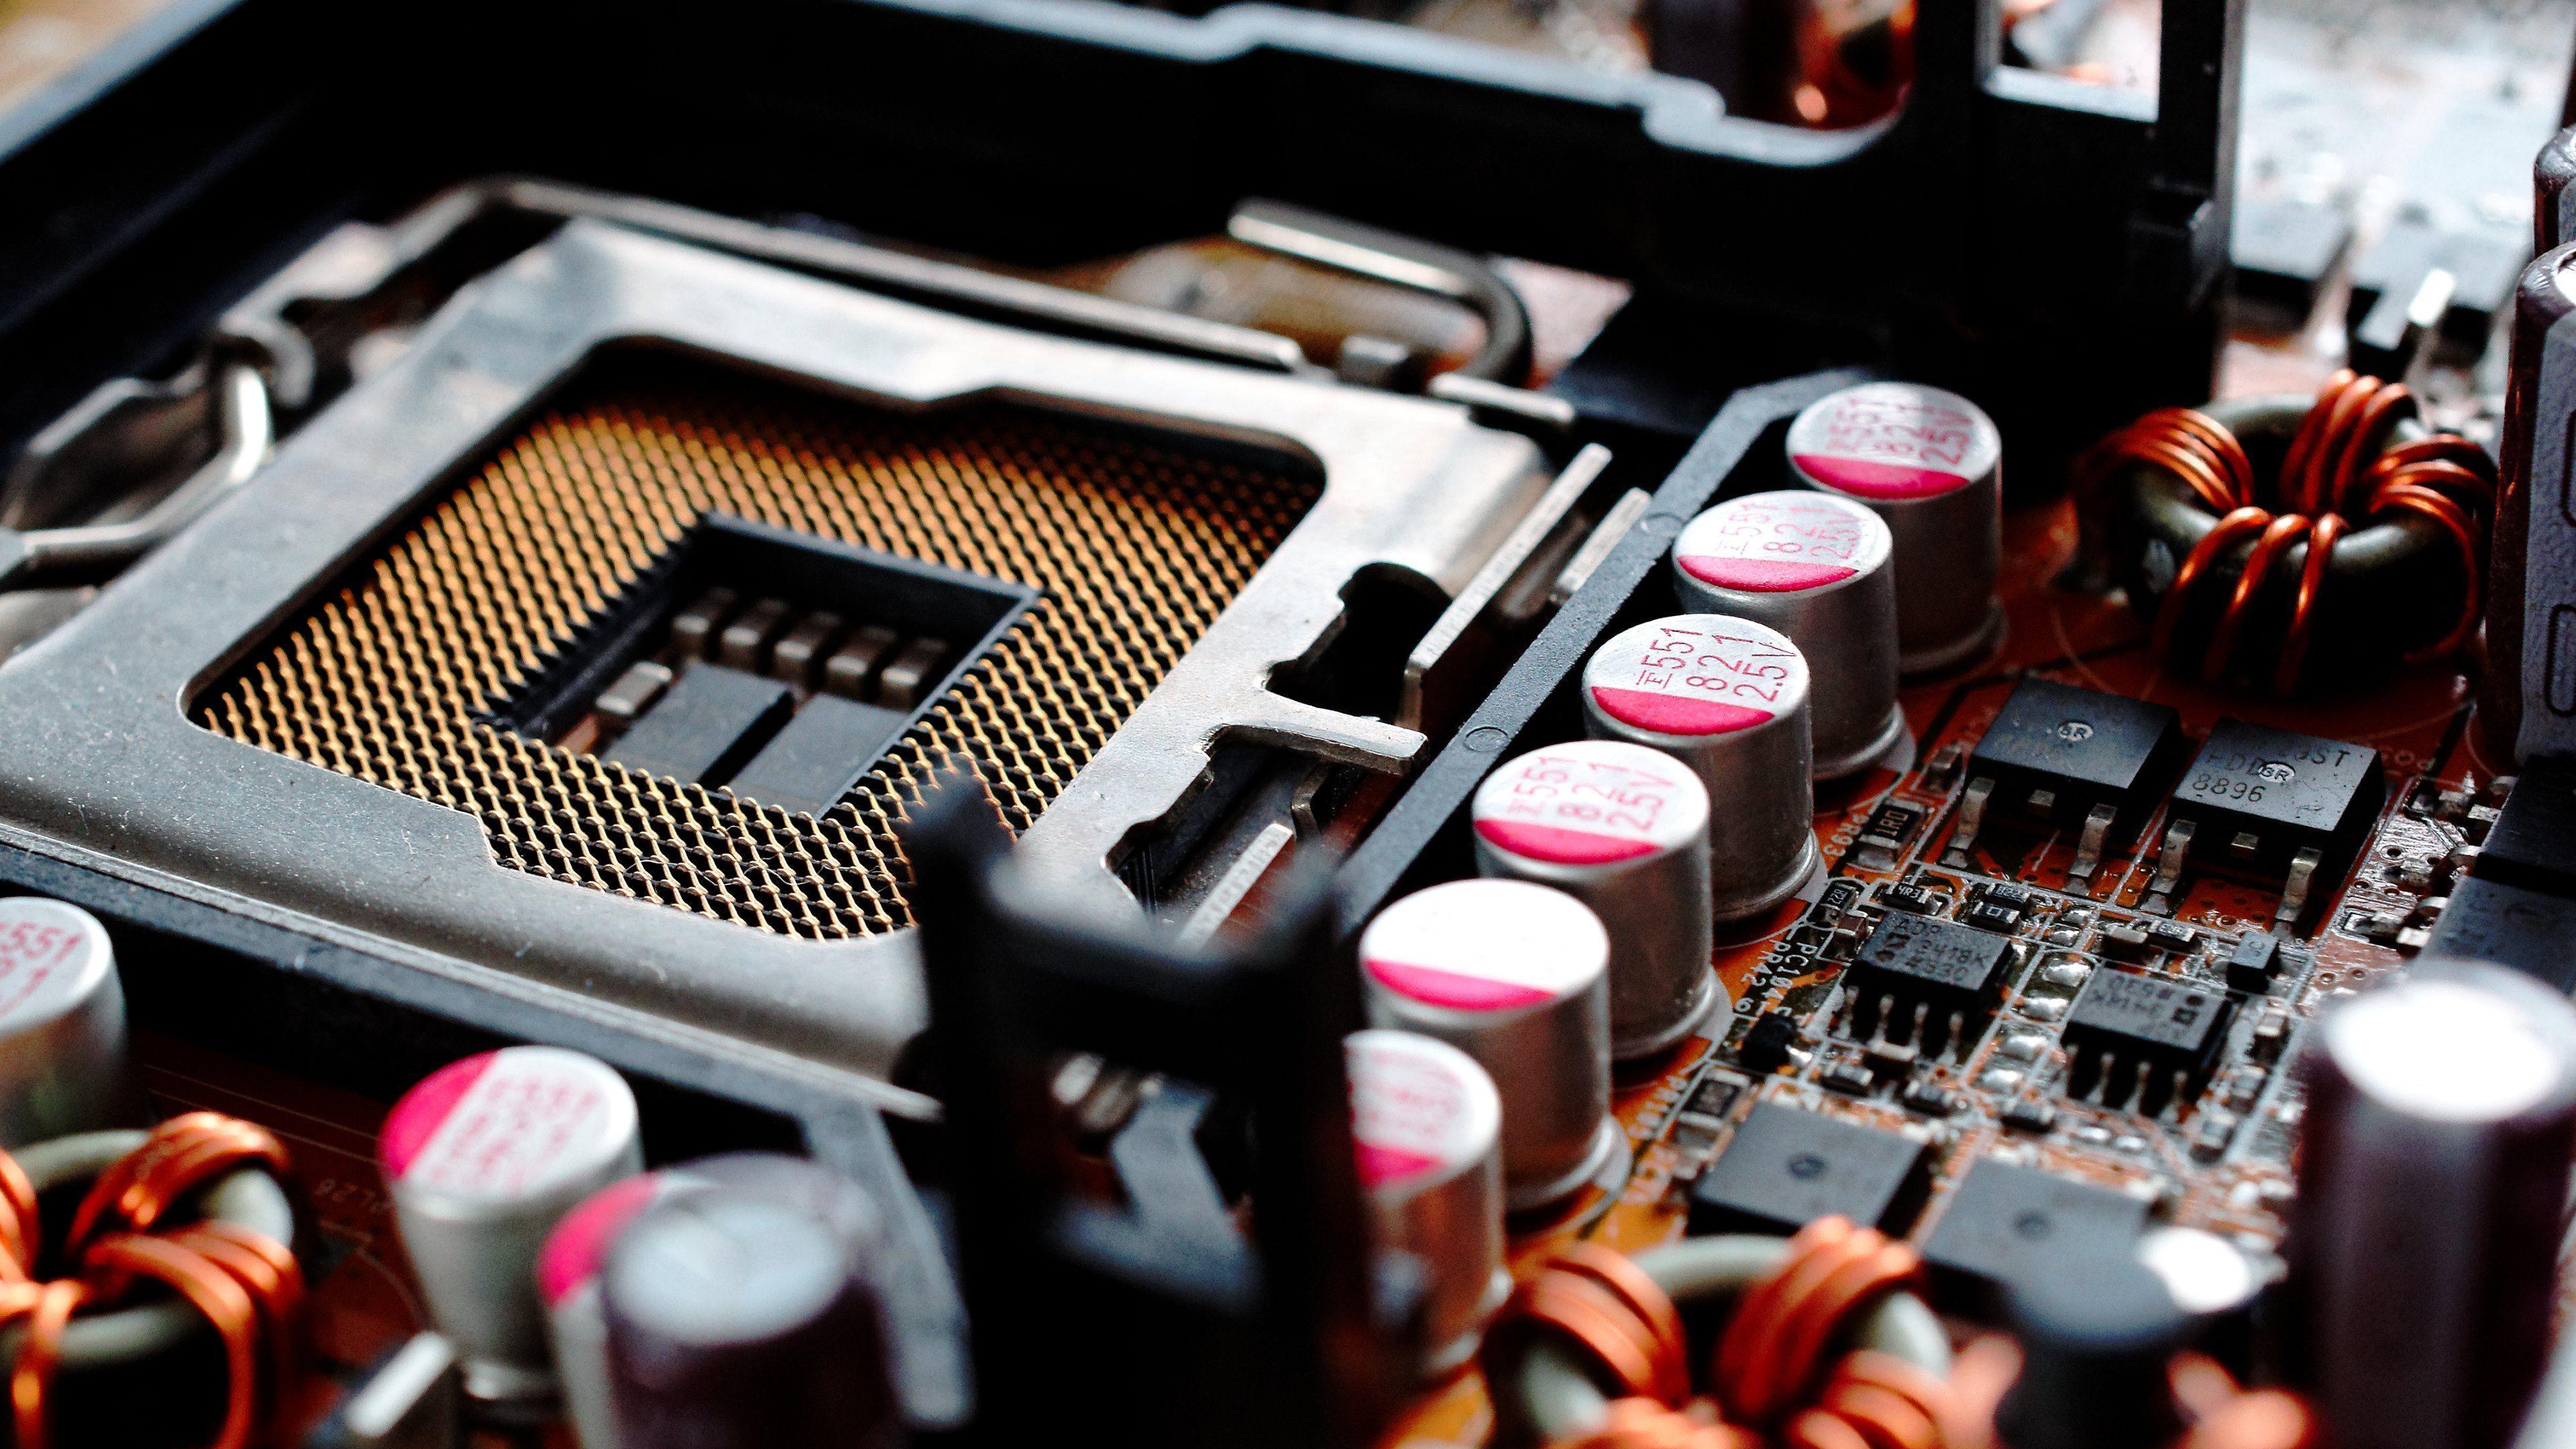 processor wallpapers wallpaper cave rh wallpapercave com